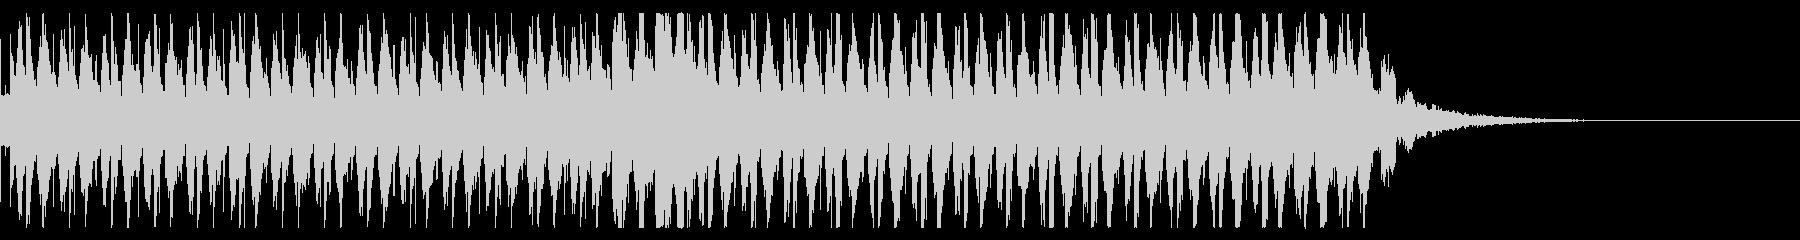 夏!トロピカルハウス <CMサイズ>の未再生の波形